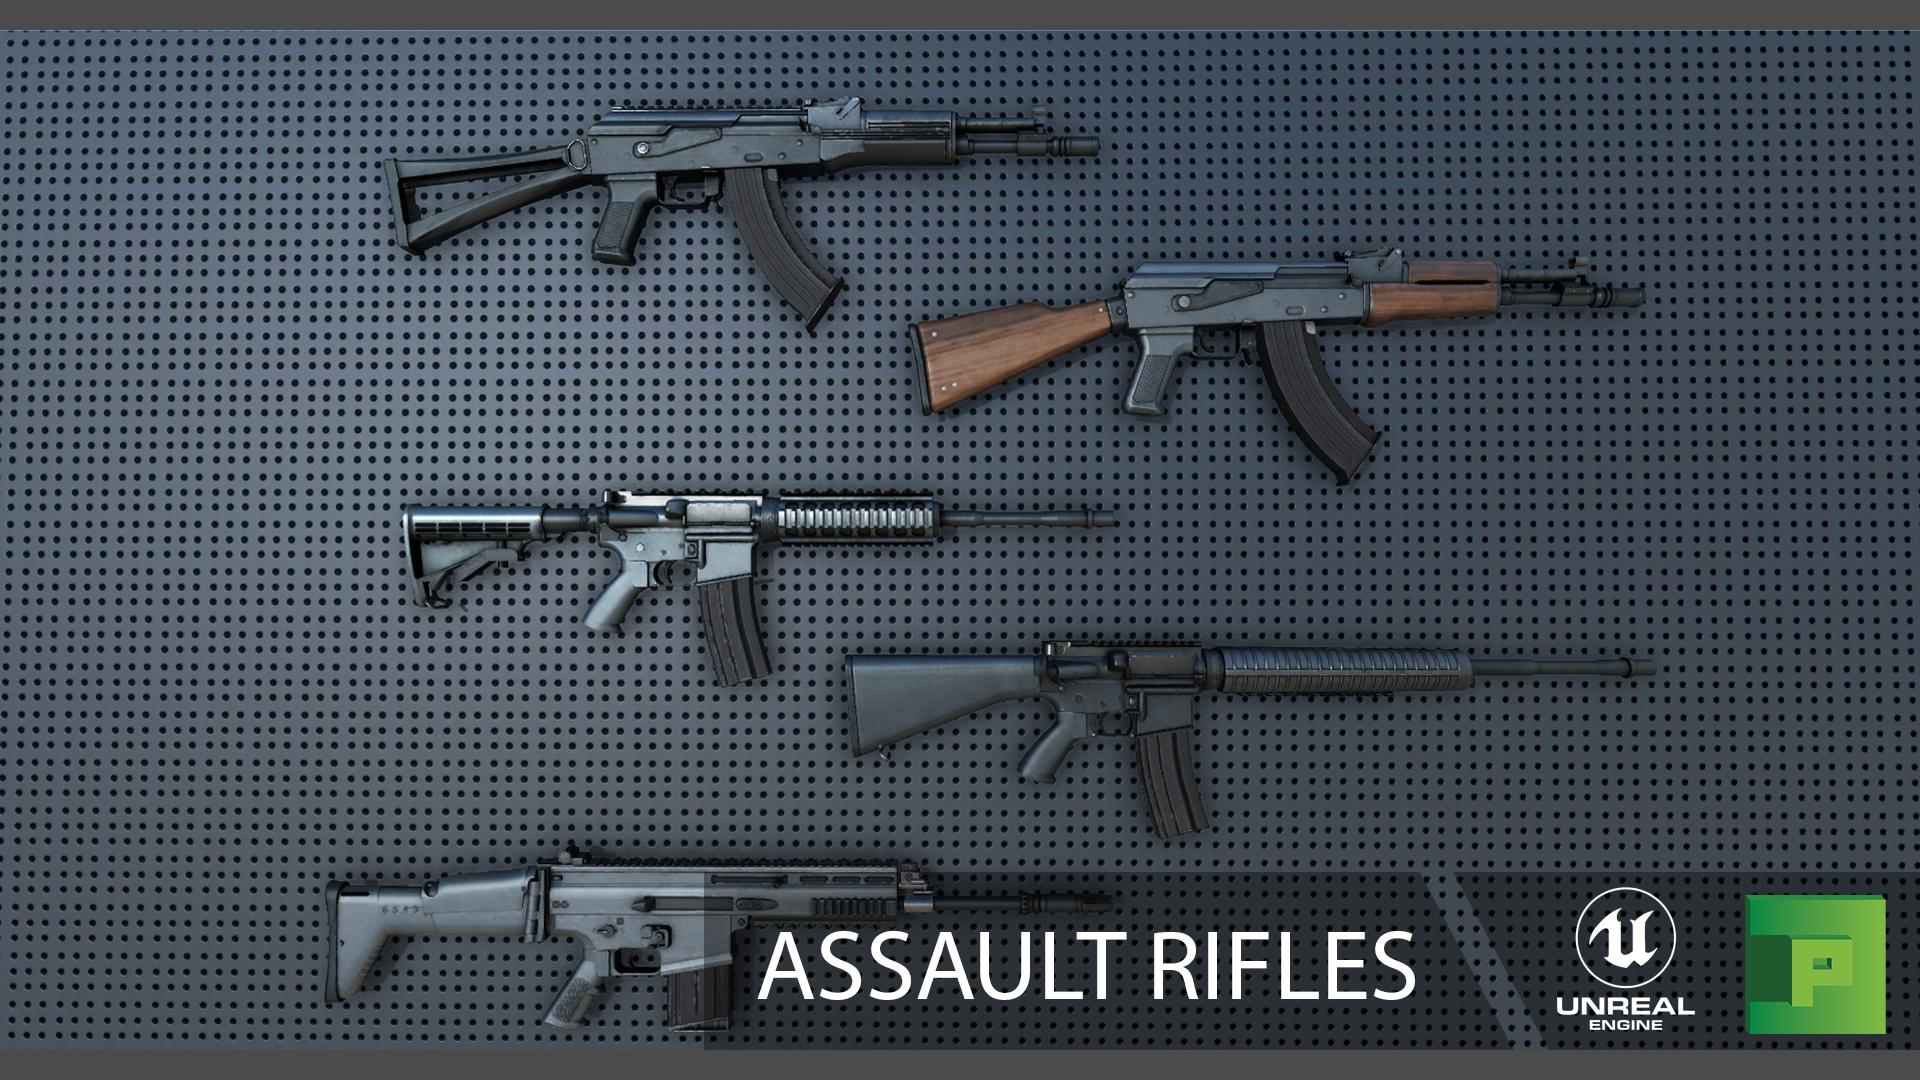 AssaultRifles_New_01